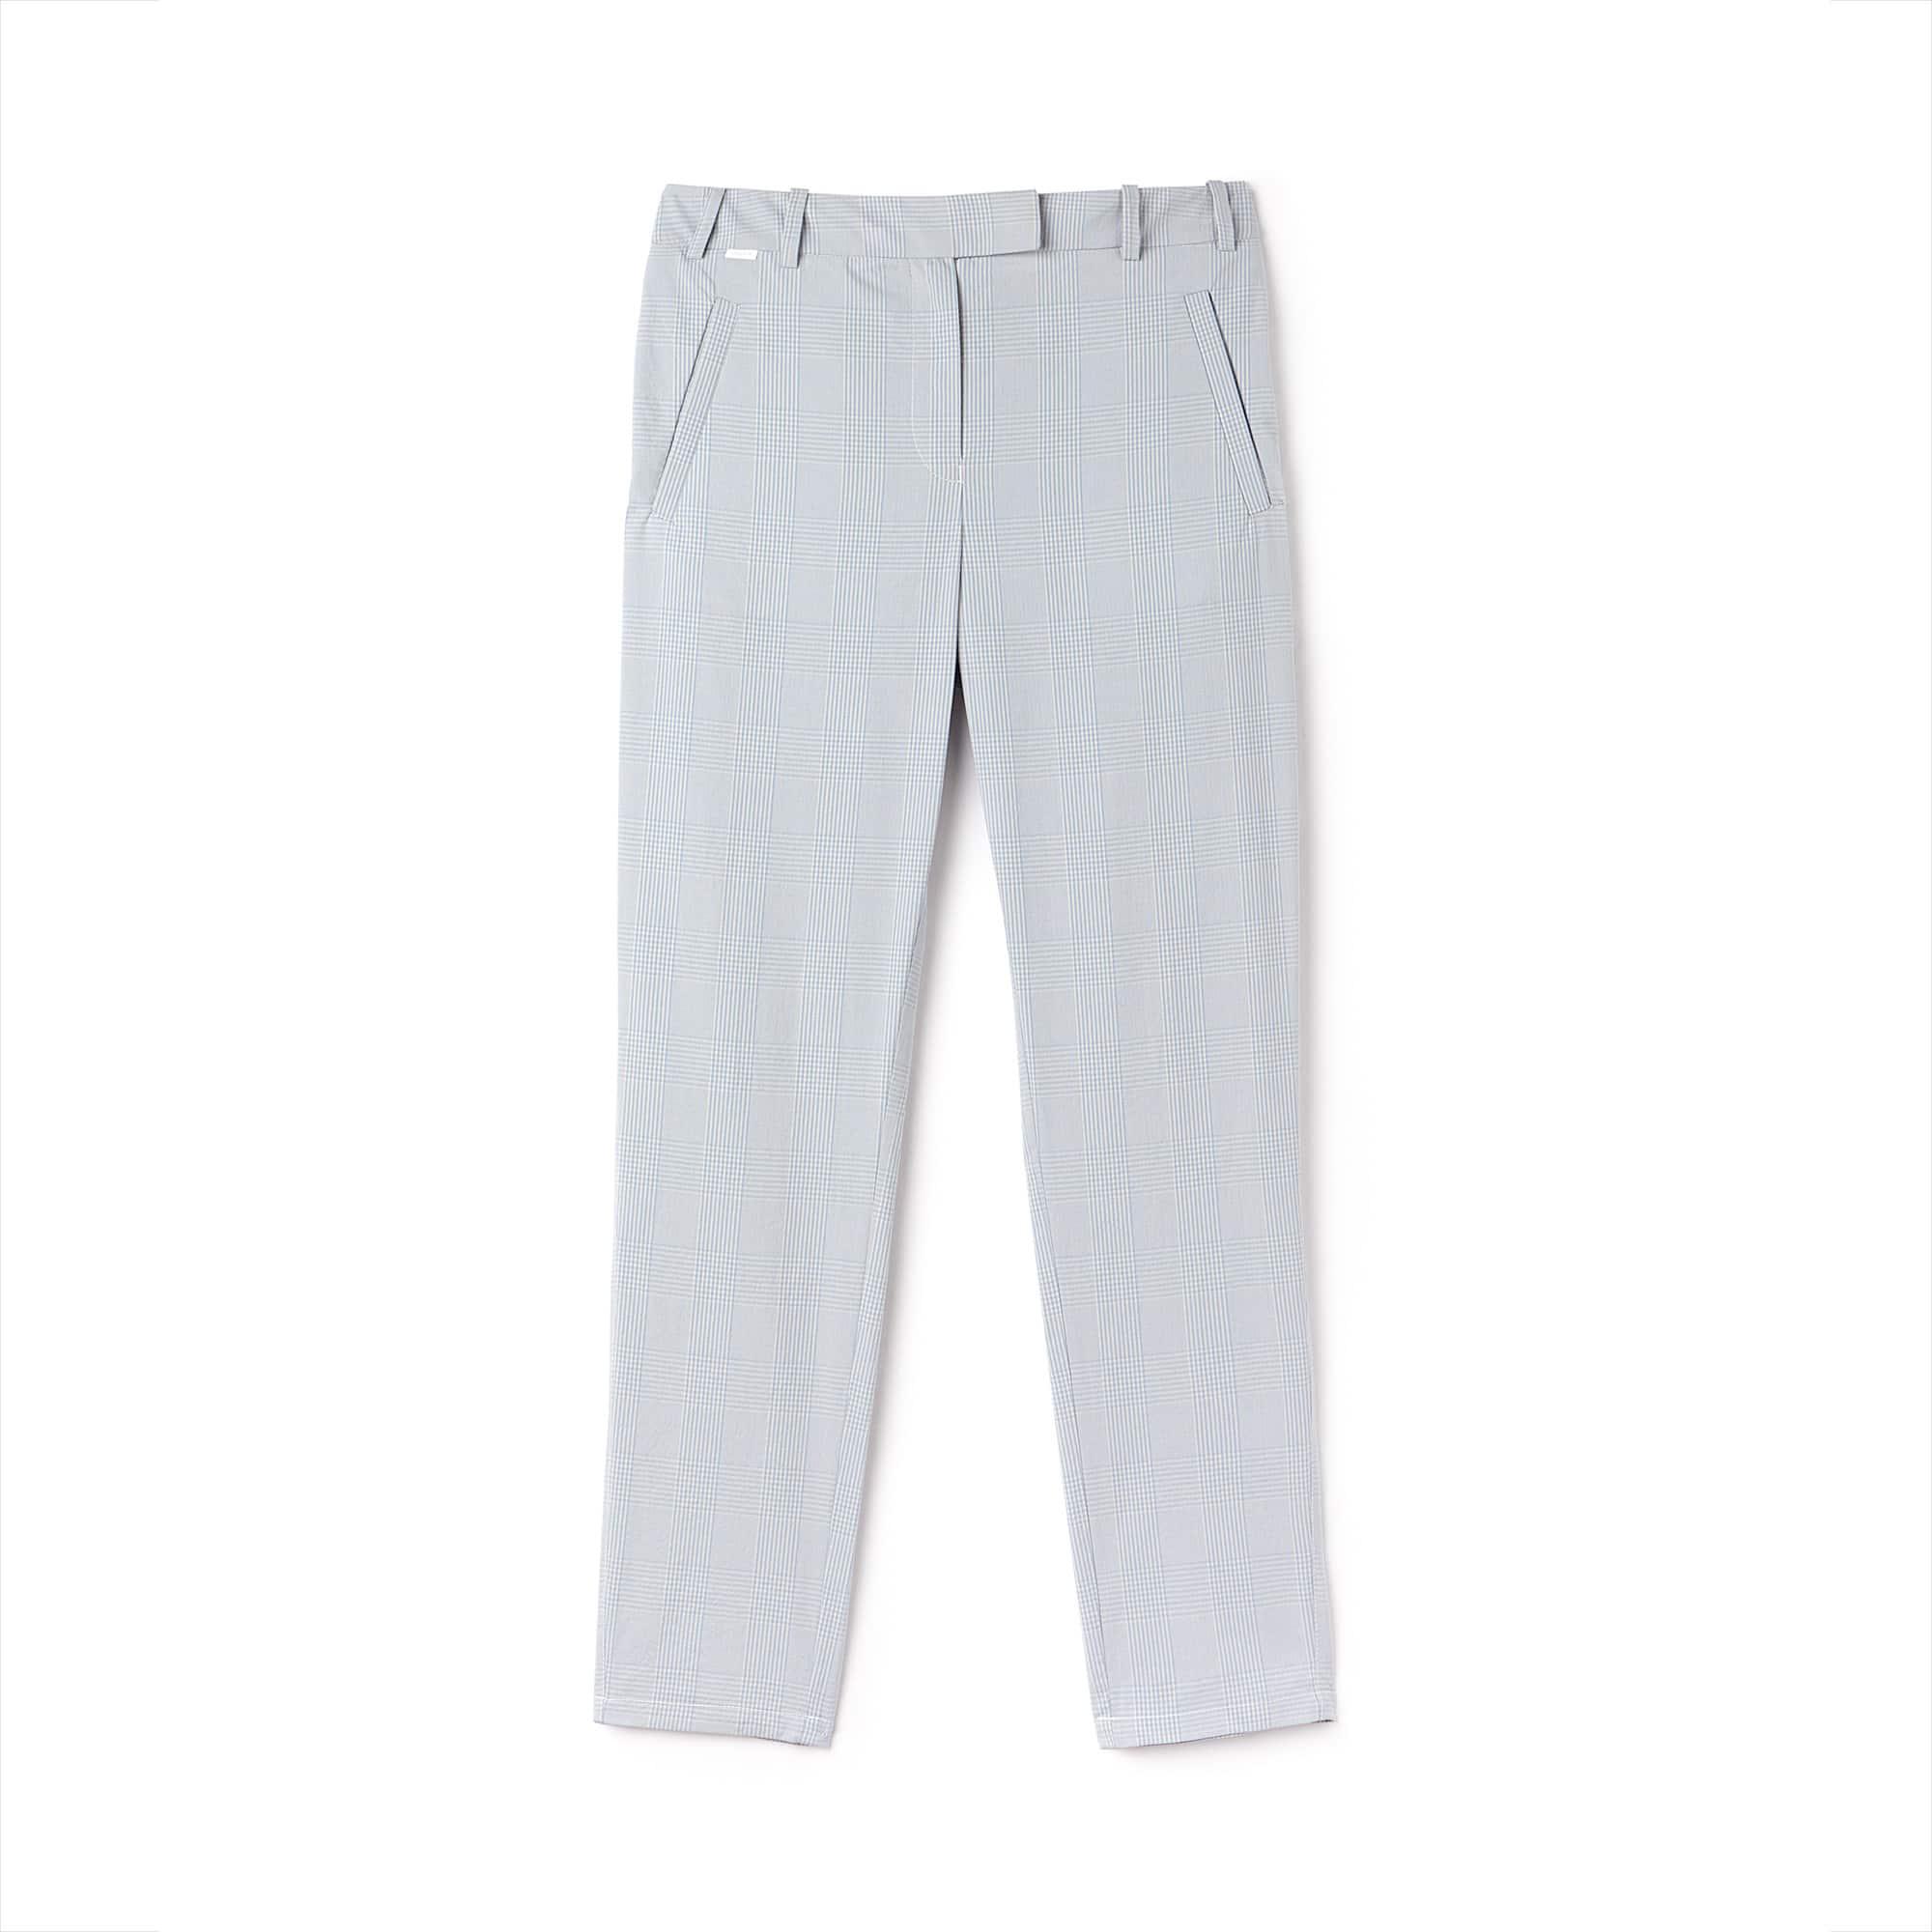 Damen Slim Fit Seersucker Karo-Hosen aus Baumwolle